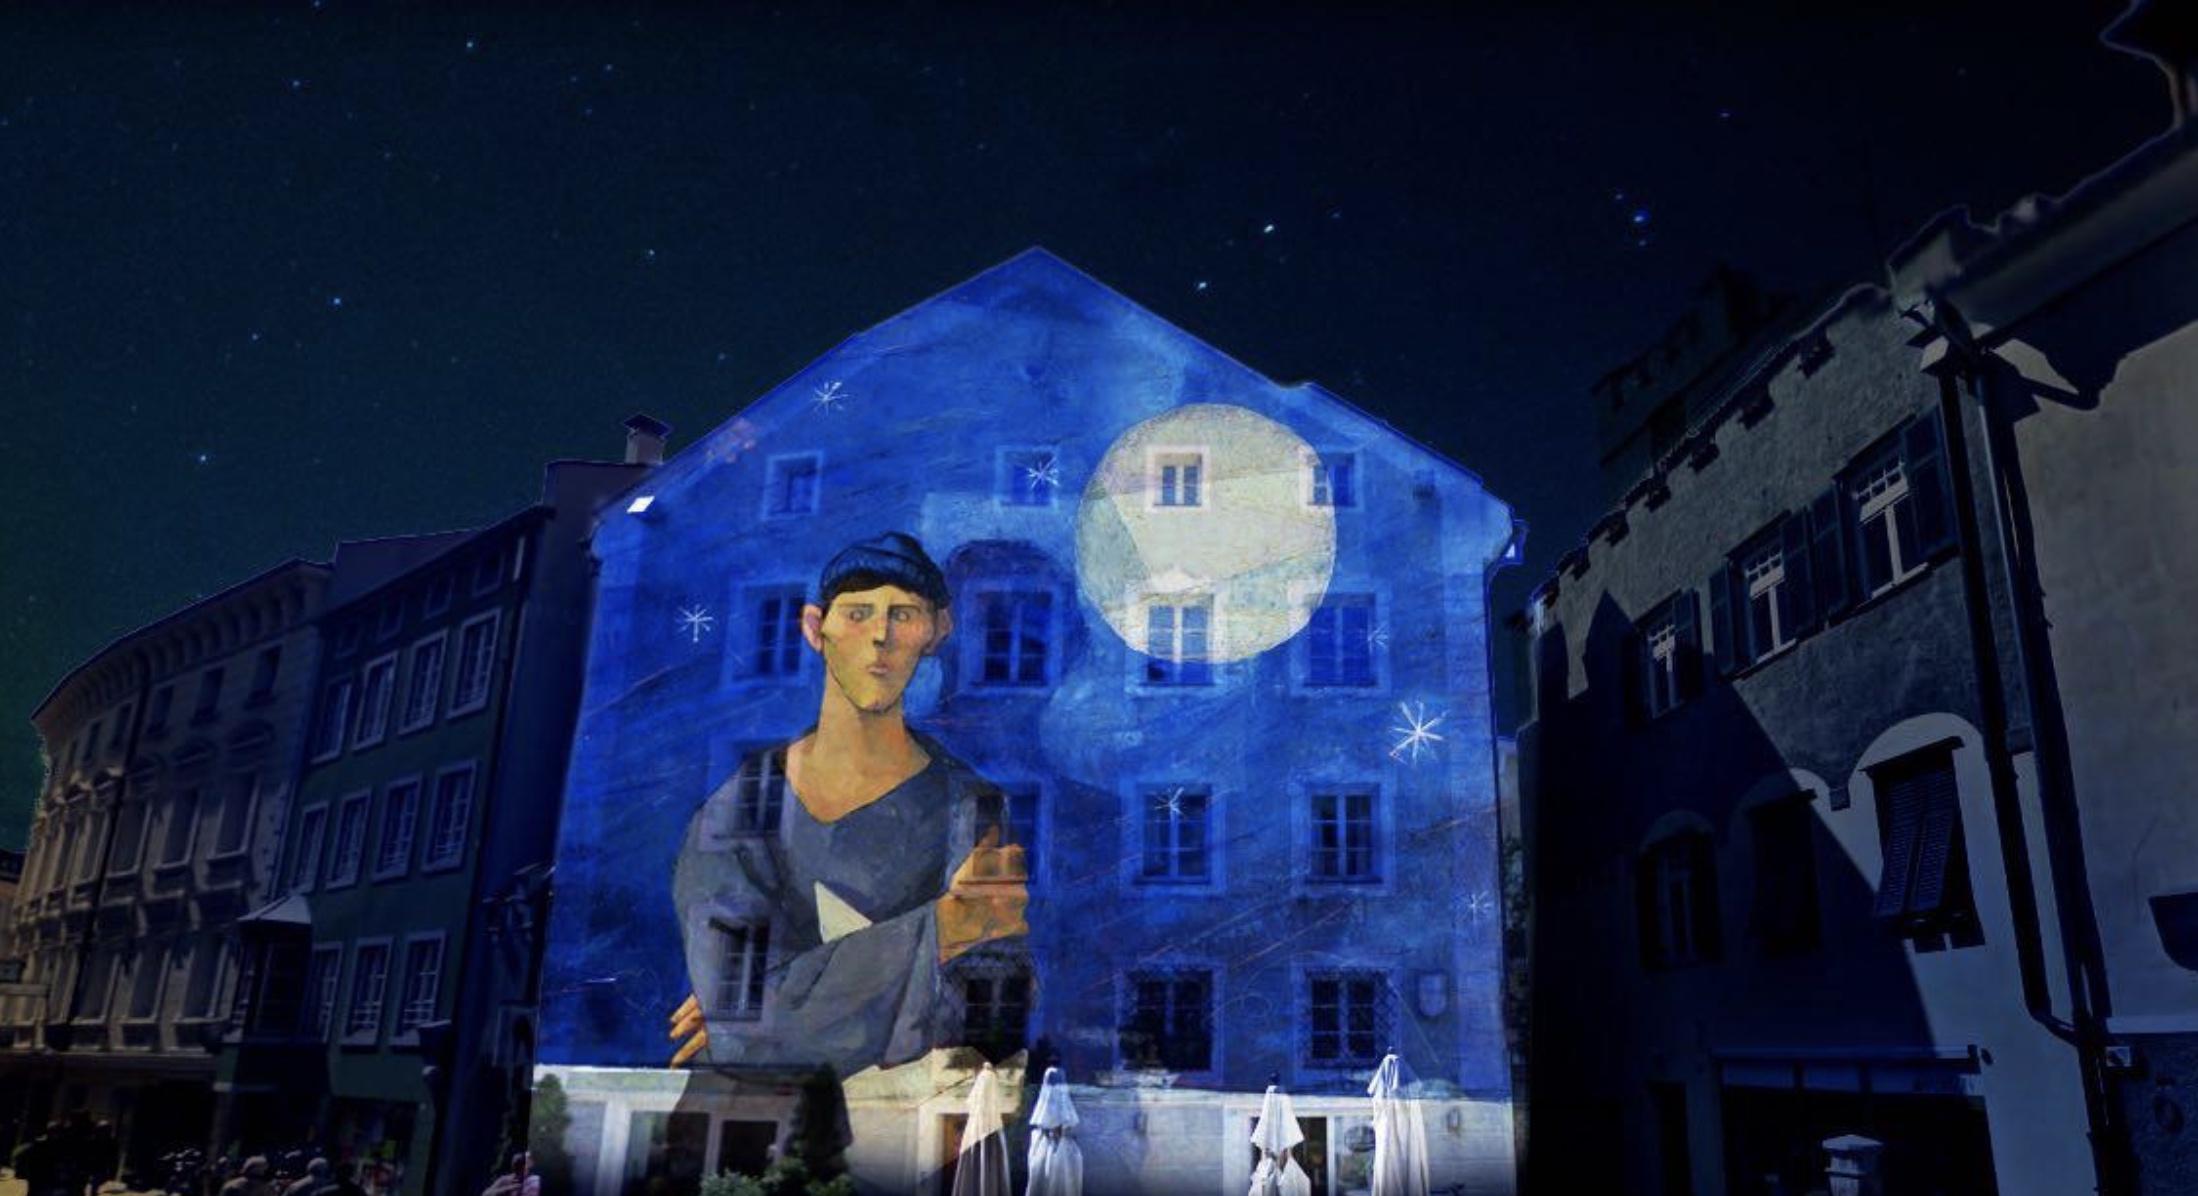 Water light festival Bressanone